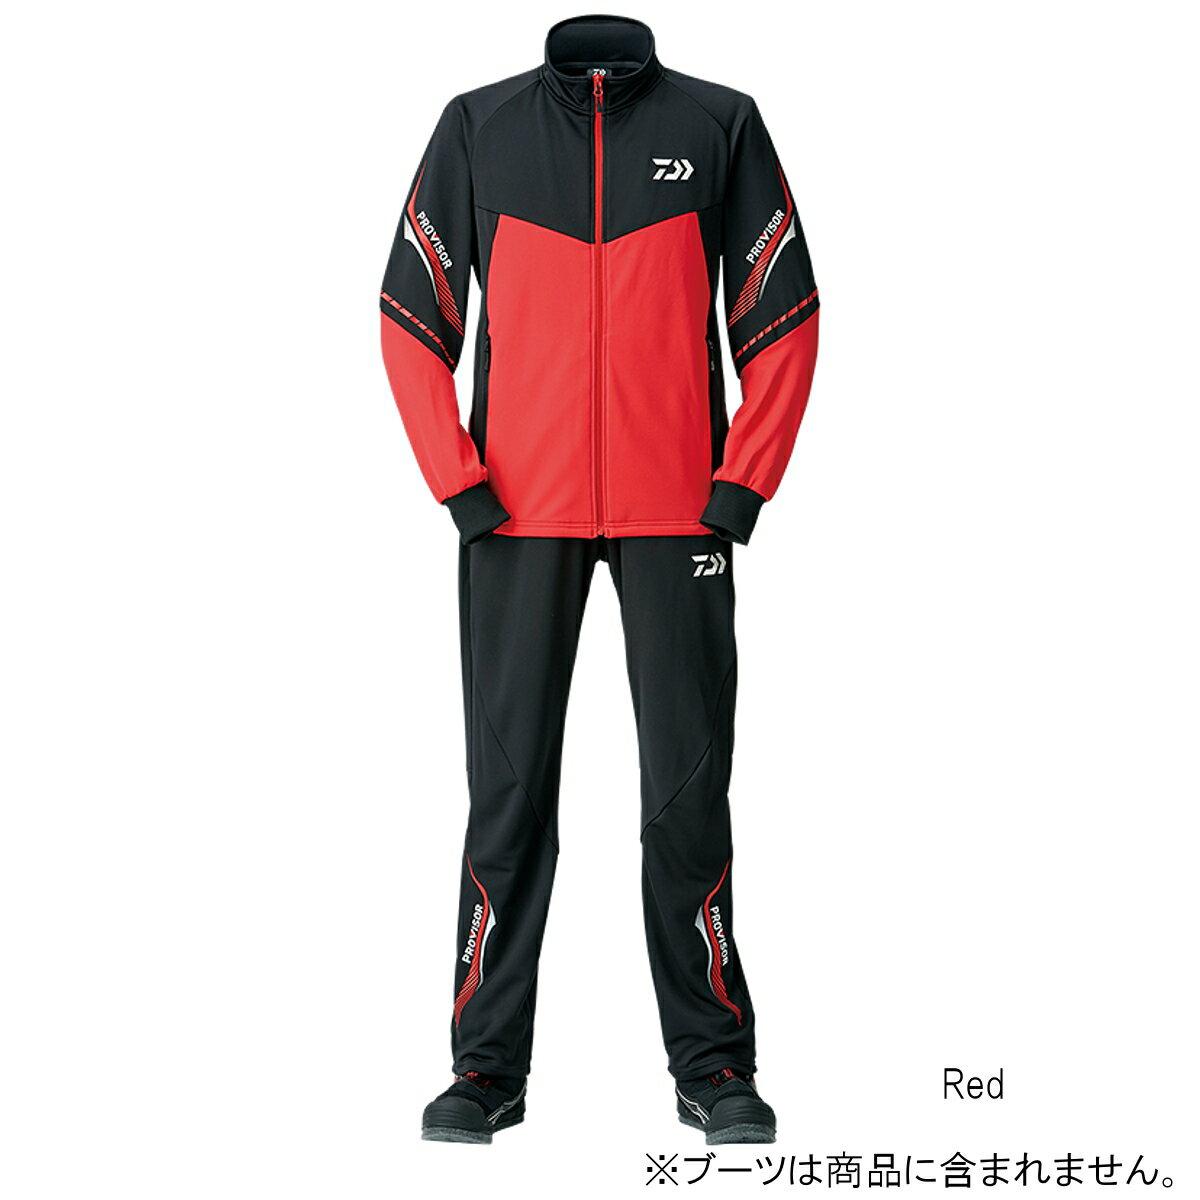 ダイワ プロバイザージャージスーツ DI-24008 L Red【送料無料】